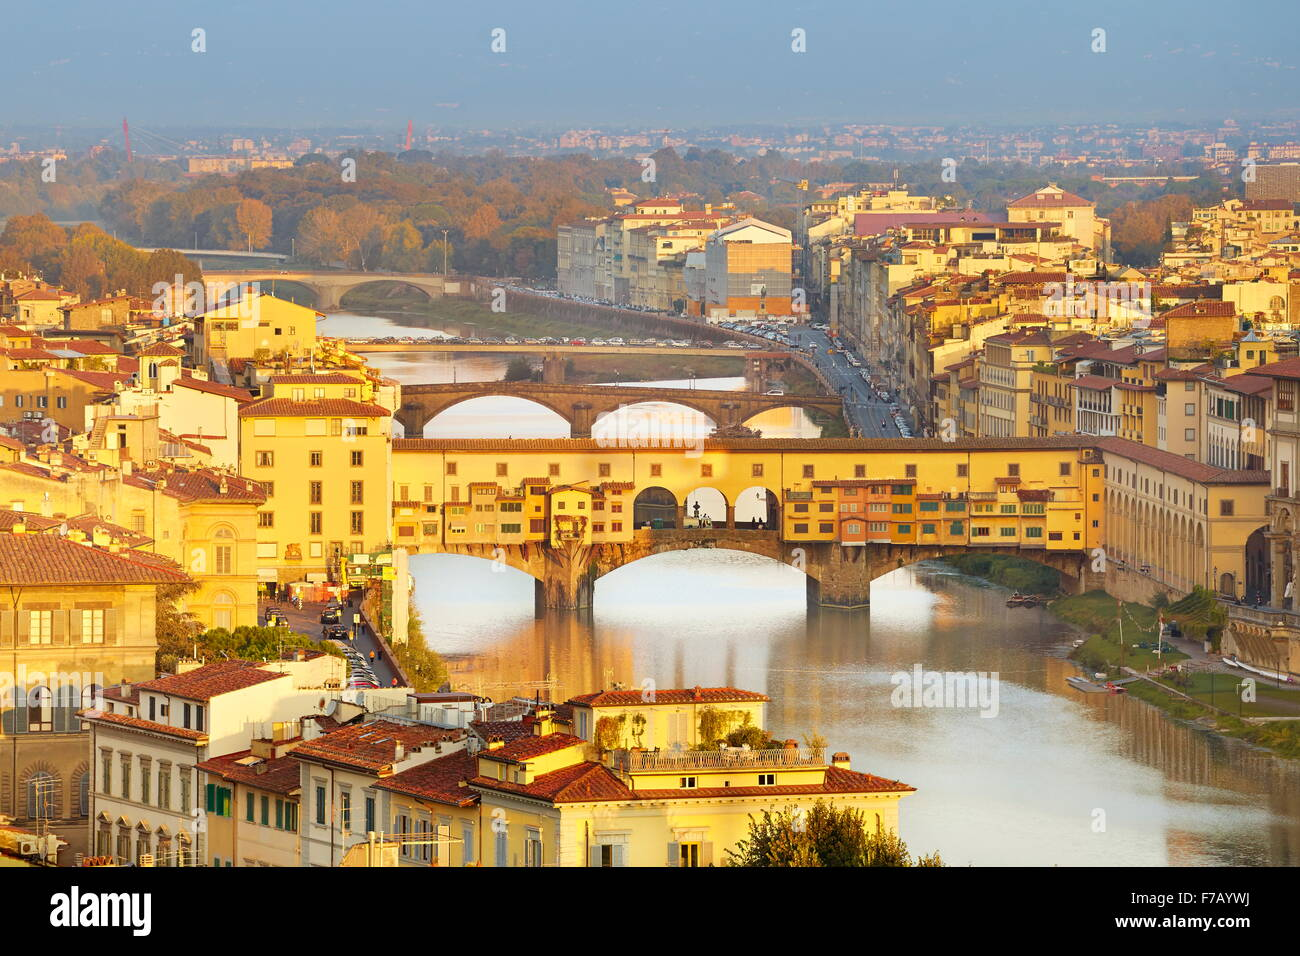 Ponte Vecchio Brücke, Stadtbild von Florenz, Italien Stockbild